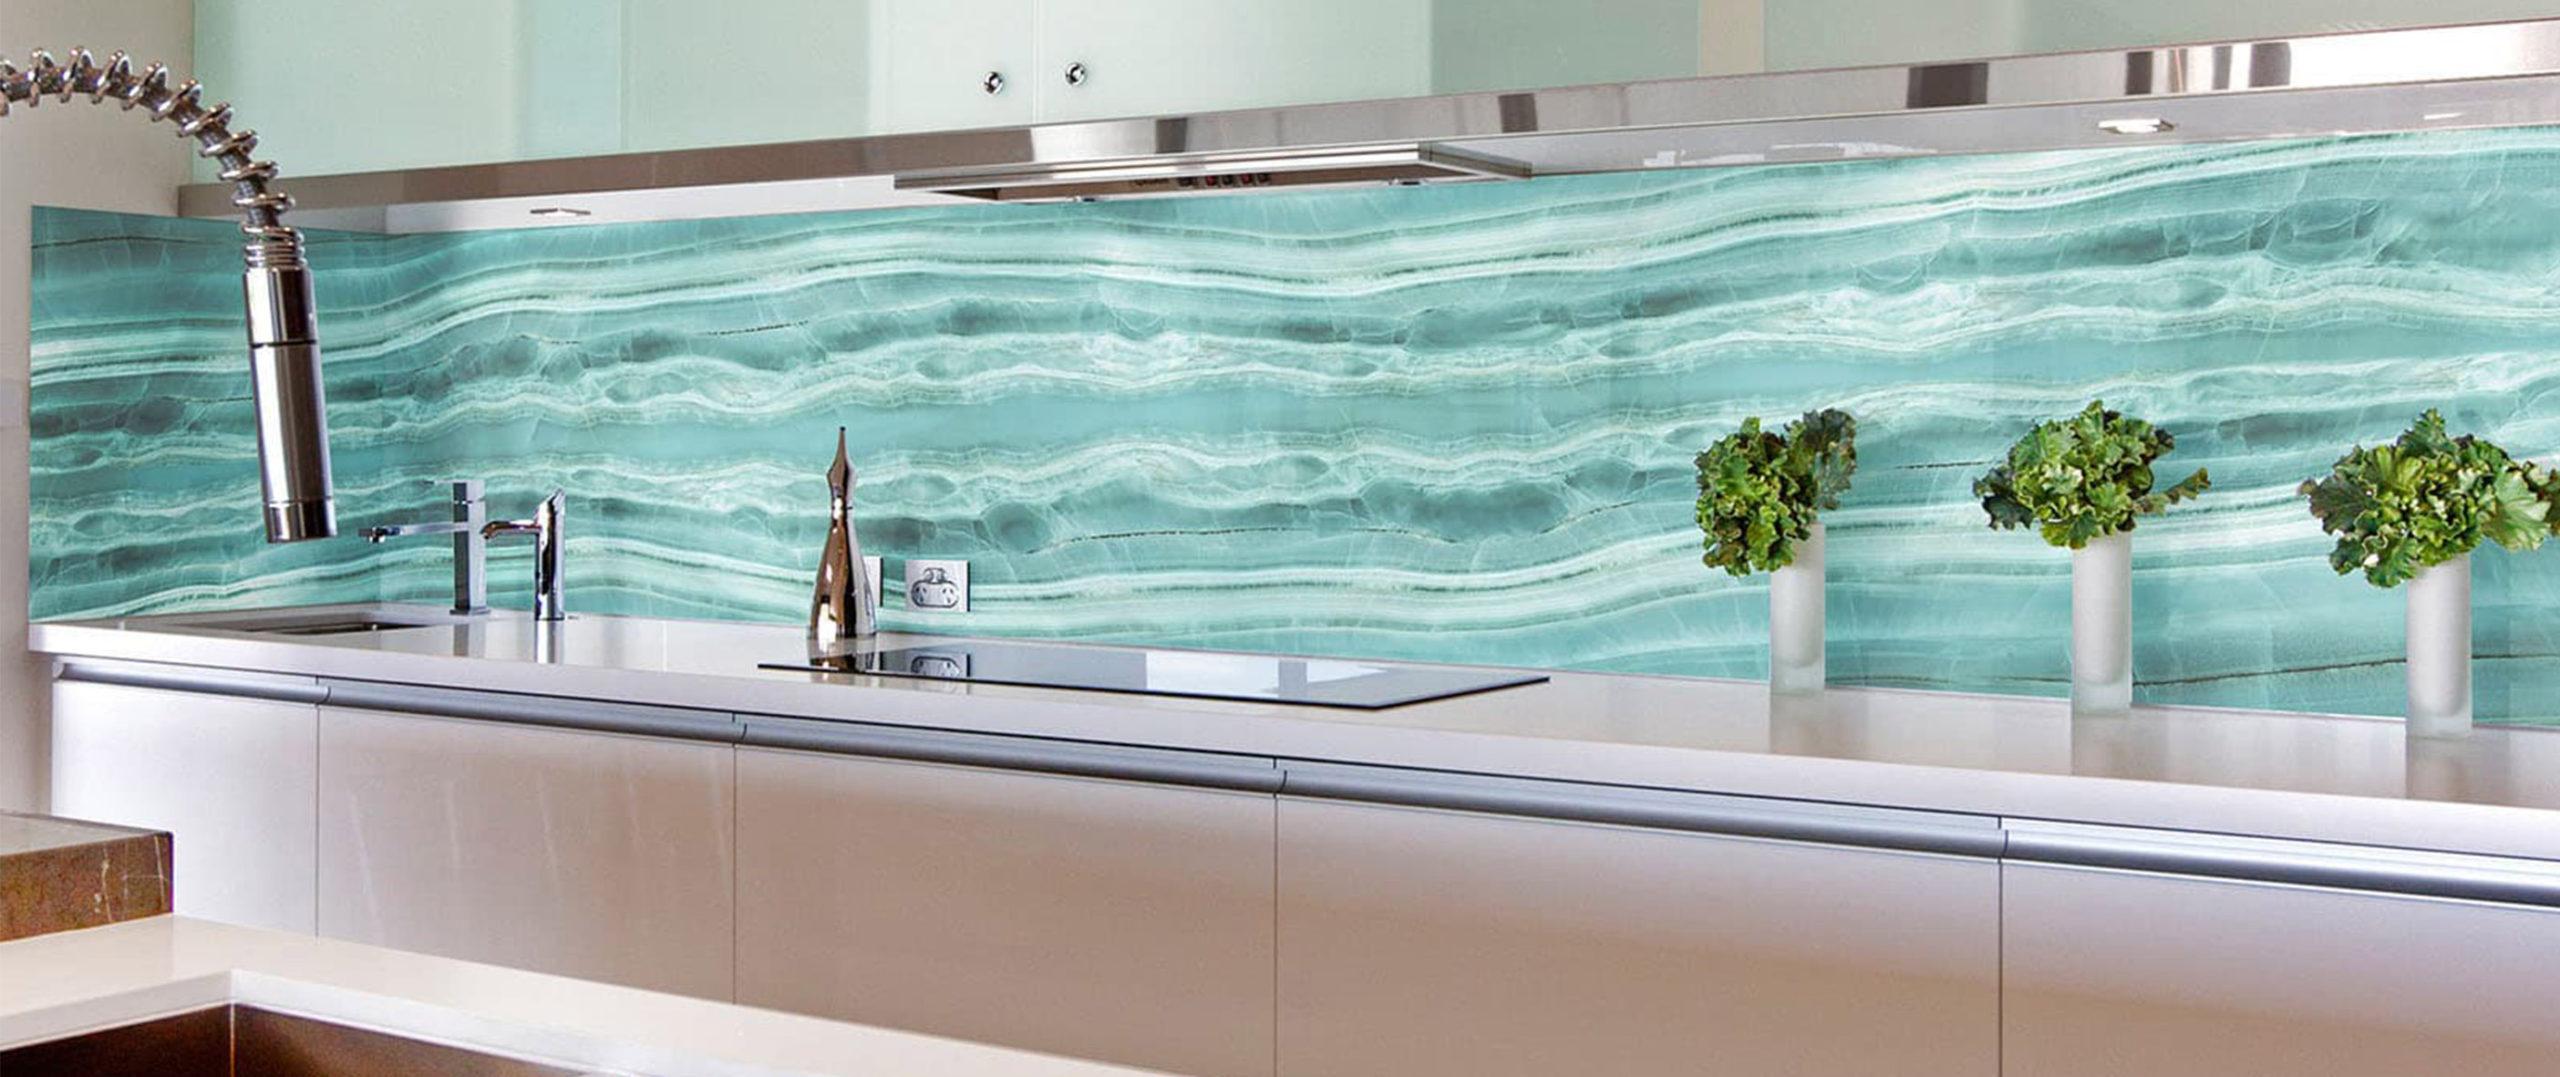 Кухонный фартук — С любой текстурой